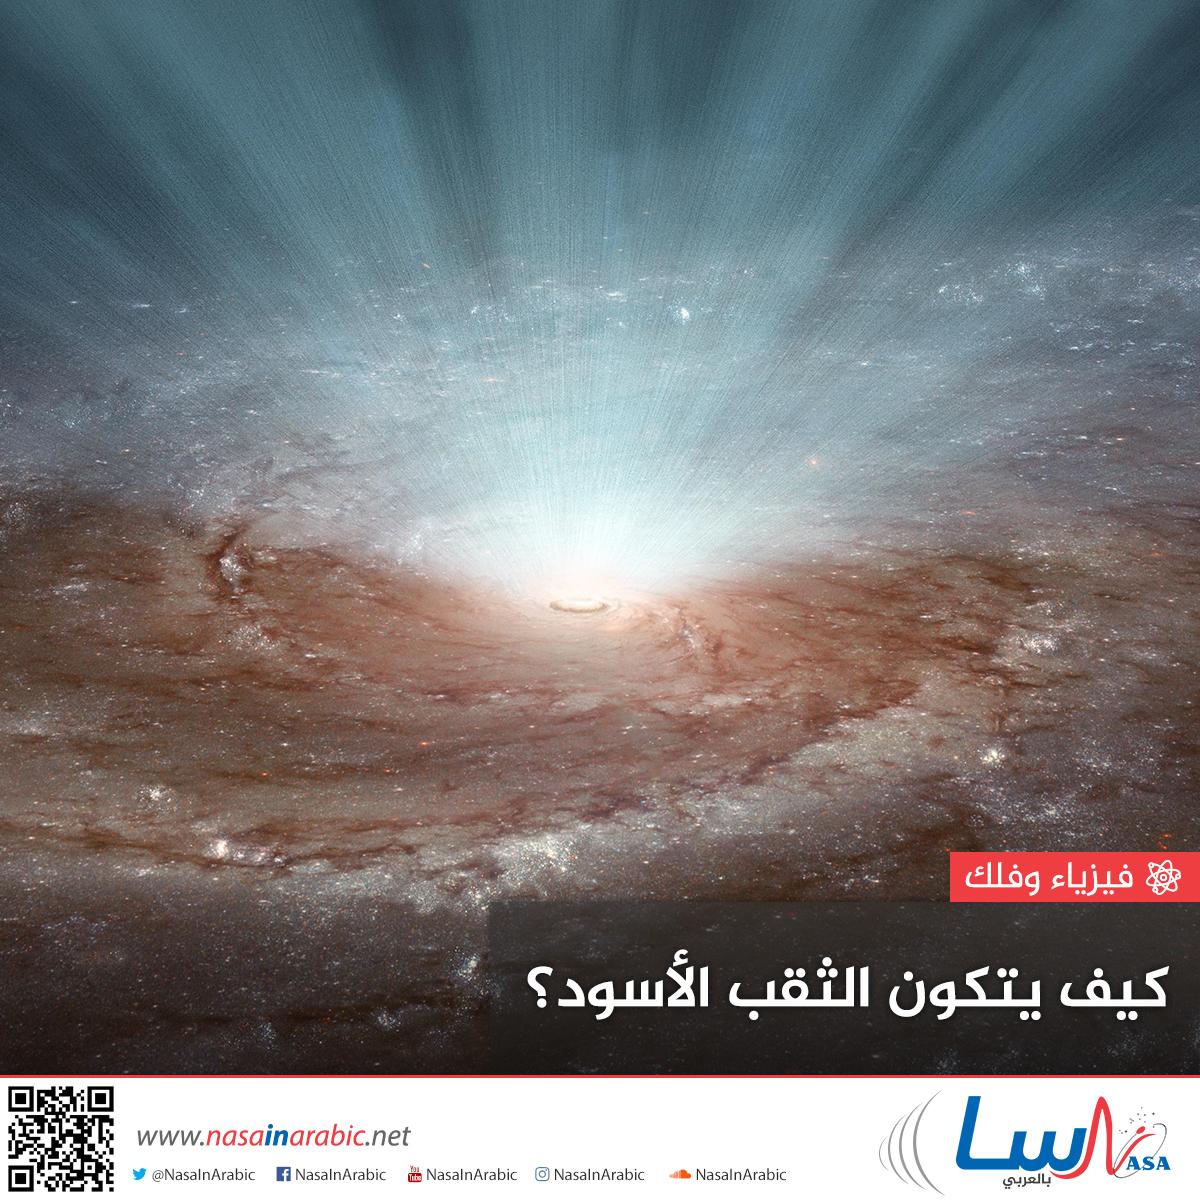 كيف يتكون الثقب الأسود؟